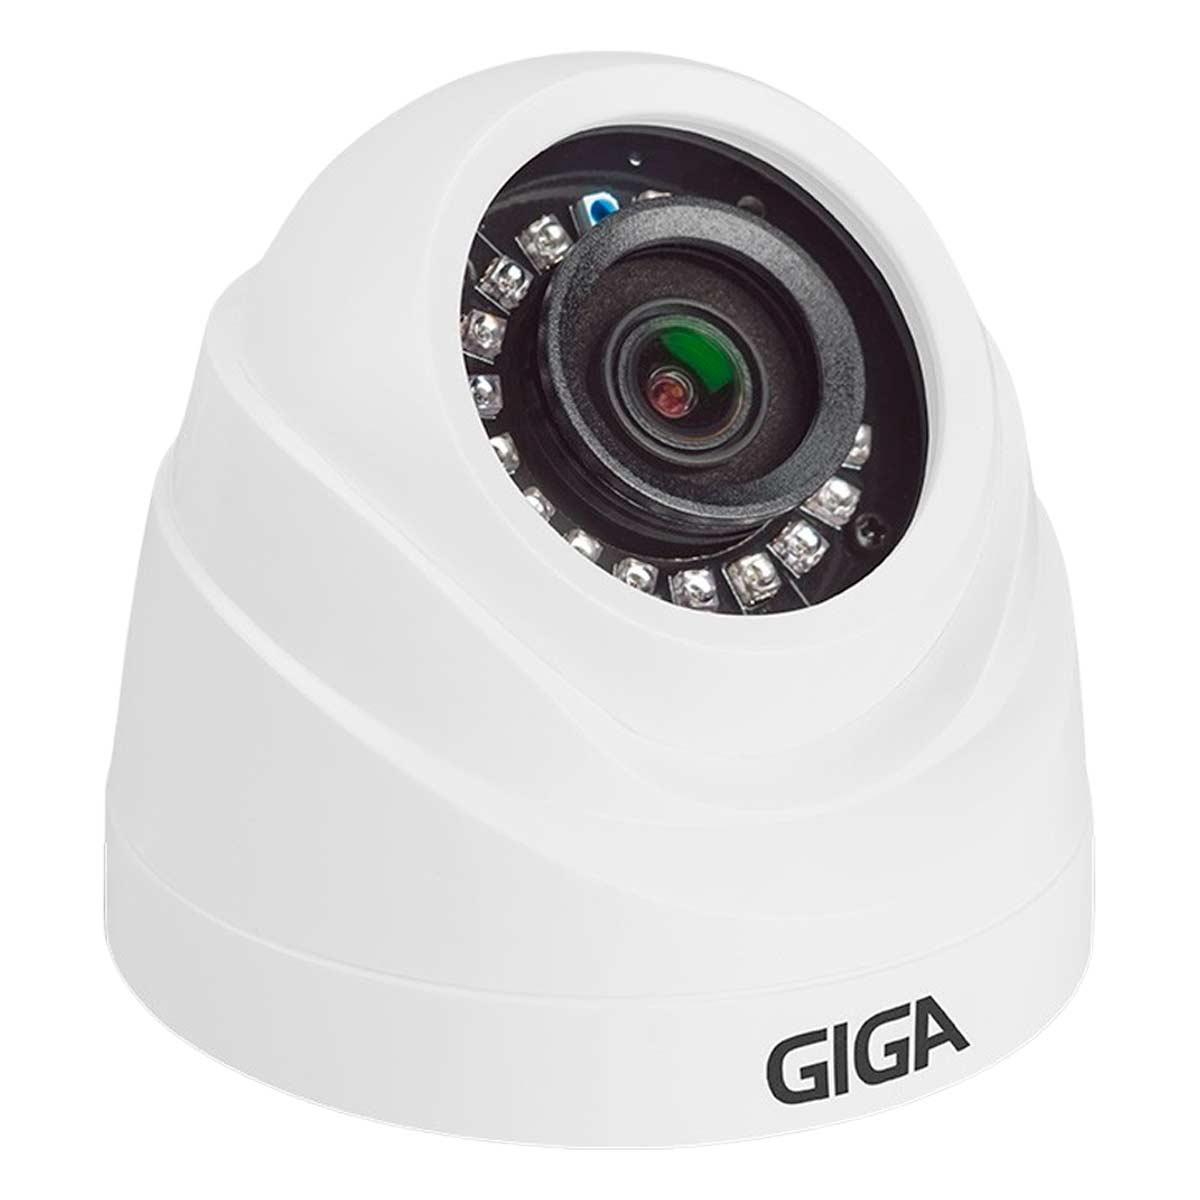 camera-full-hd-giga-security-gs0272-orion-2mp-30-metros-resolucao-escuro-03